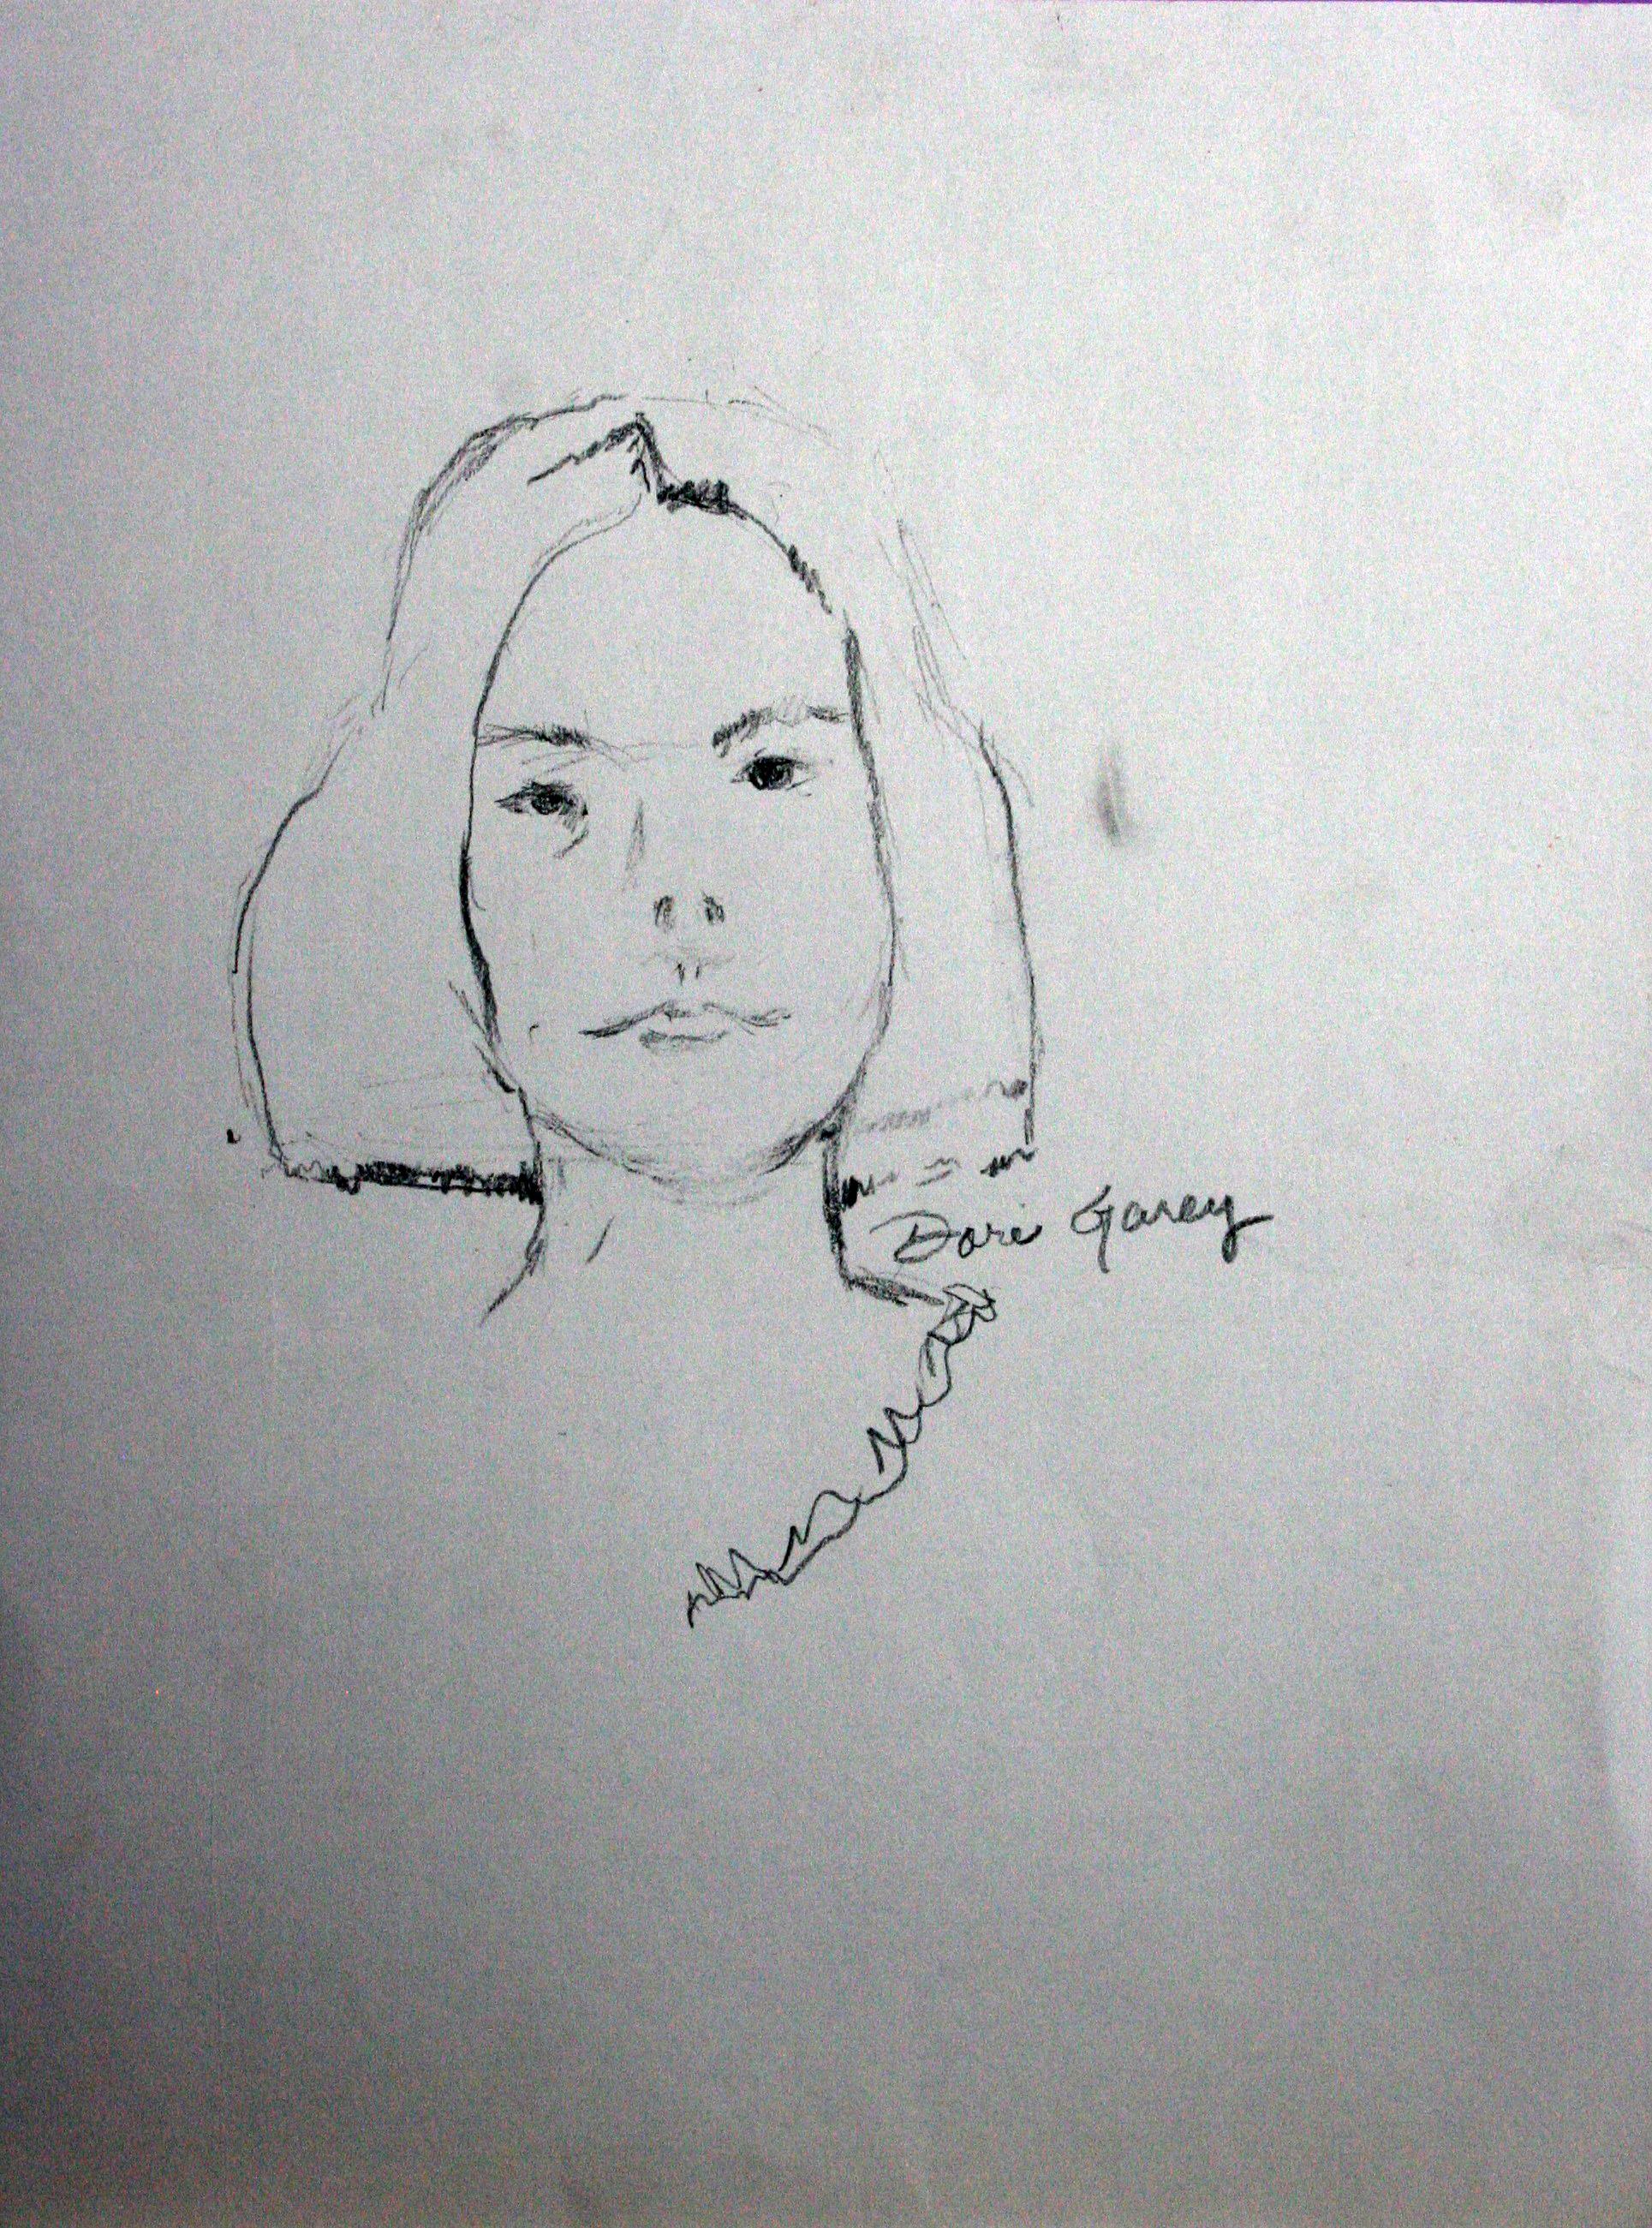 Dori Garey - Pencil